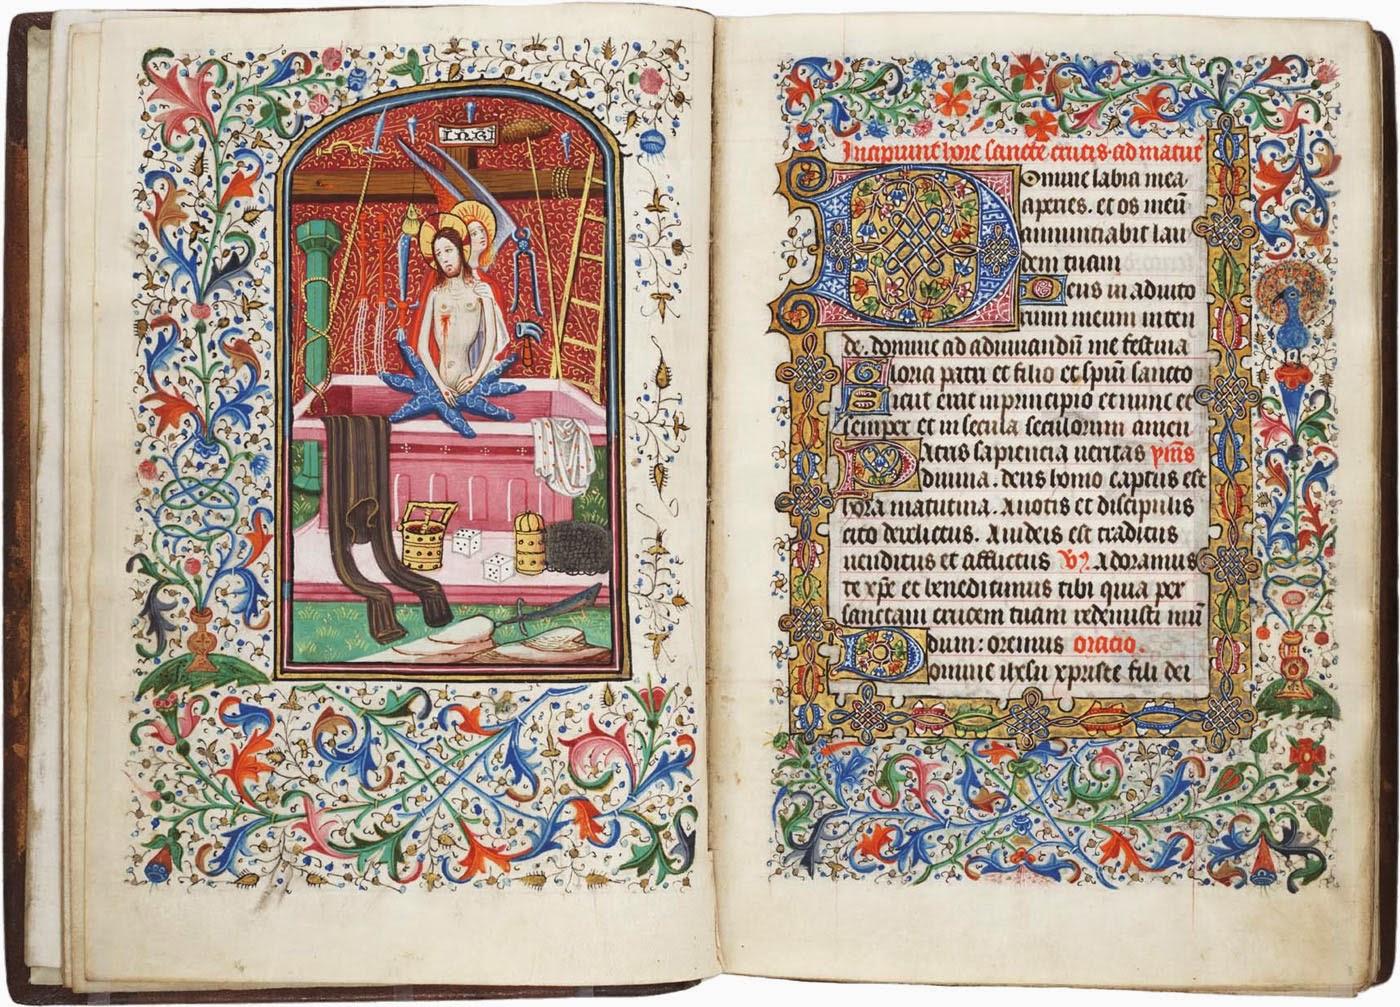 La liturgie des heures 2 les diff rentes ditions foi - Aelf liturgie des heures office des laudes ...